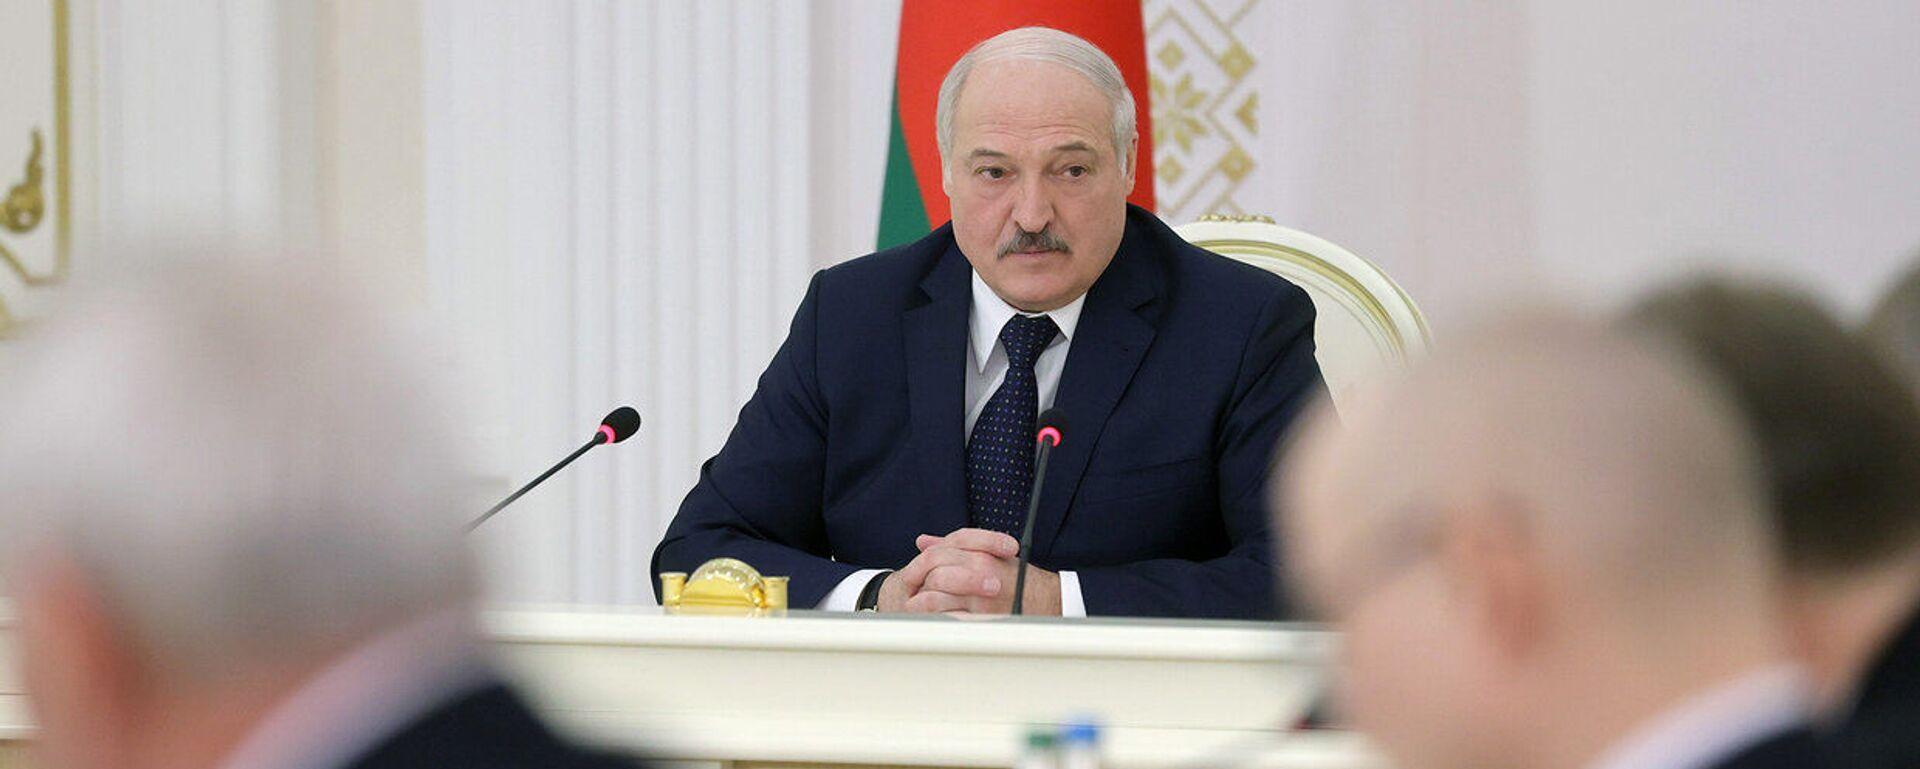 Běloruský prezident Alexandr Lukašenko - Sputnik Česká republika, 1920, 06.07.2021